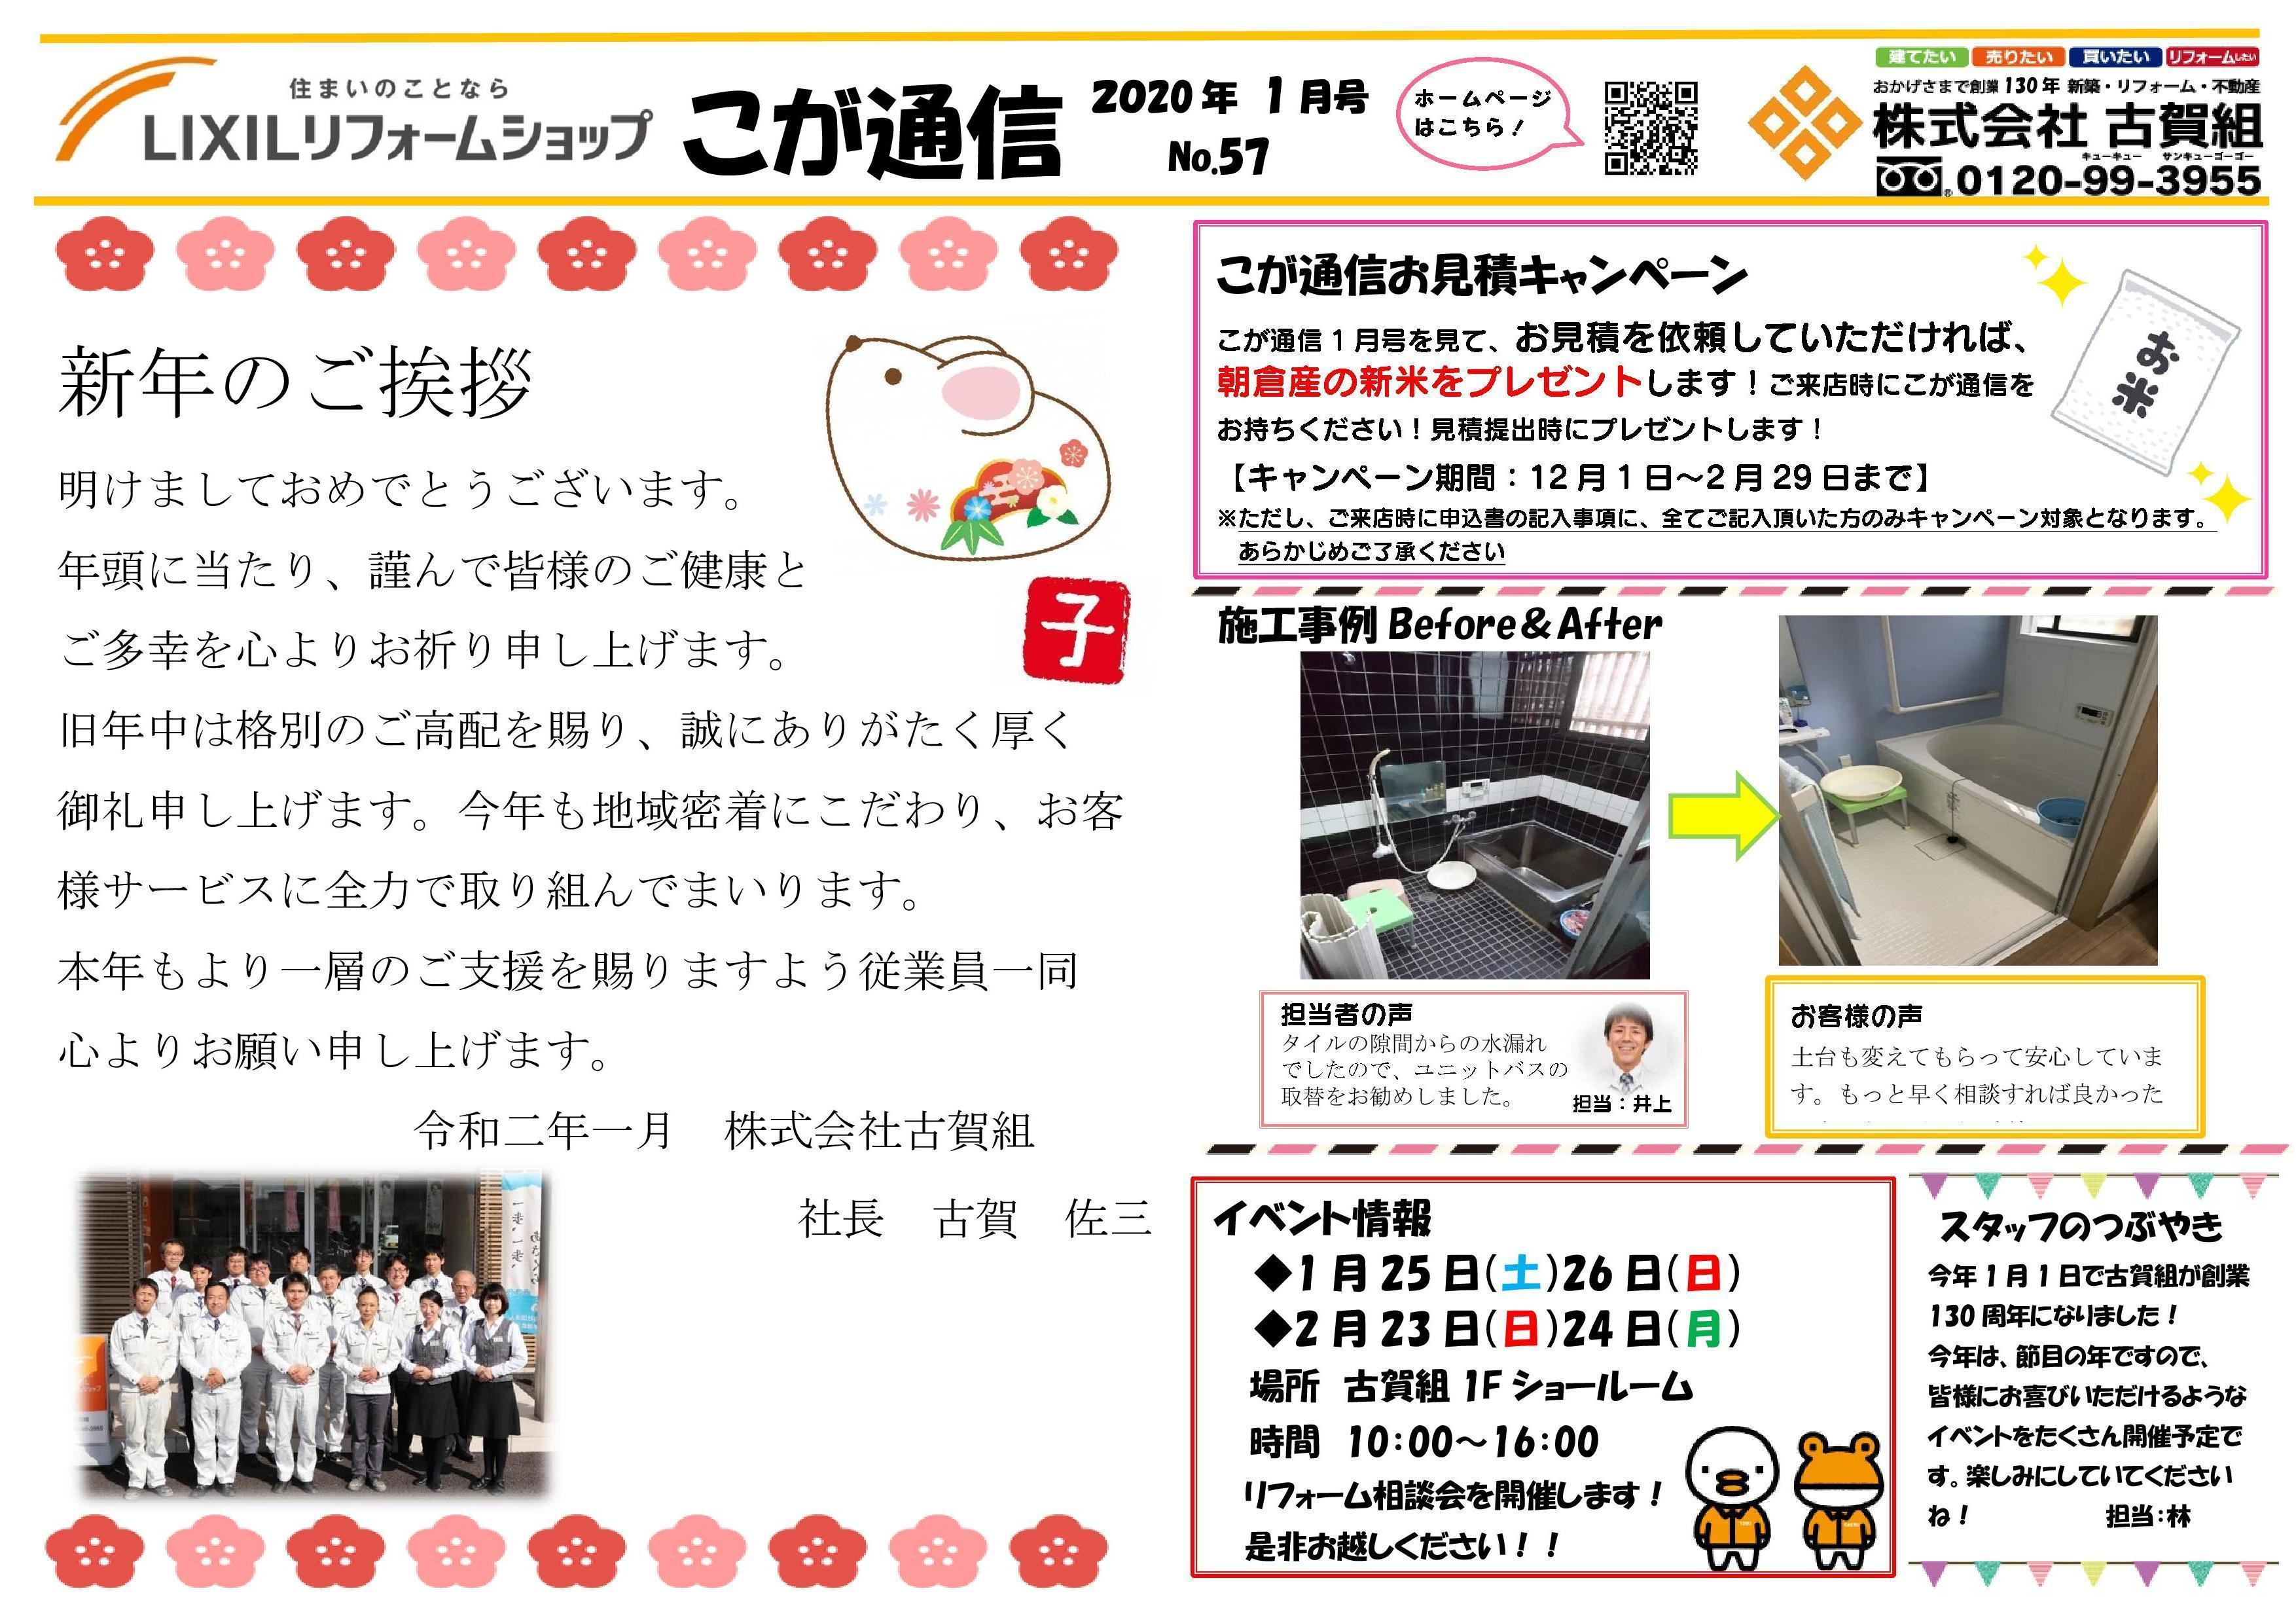 https://lixil-reformshop.jp/shop/SP00000586/photos/40234babce8d819f9c3d4ff6e06eb0bb1eef1c25.jpg